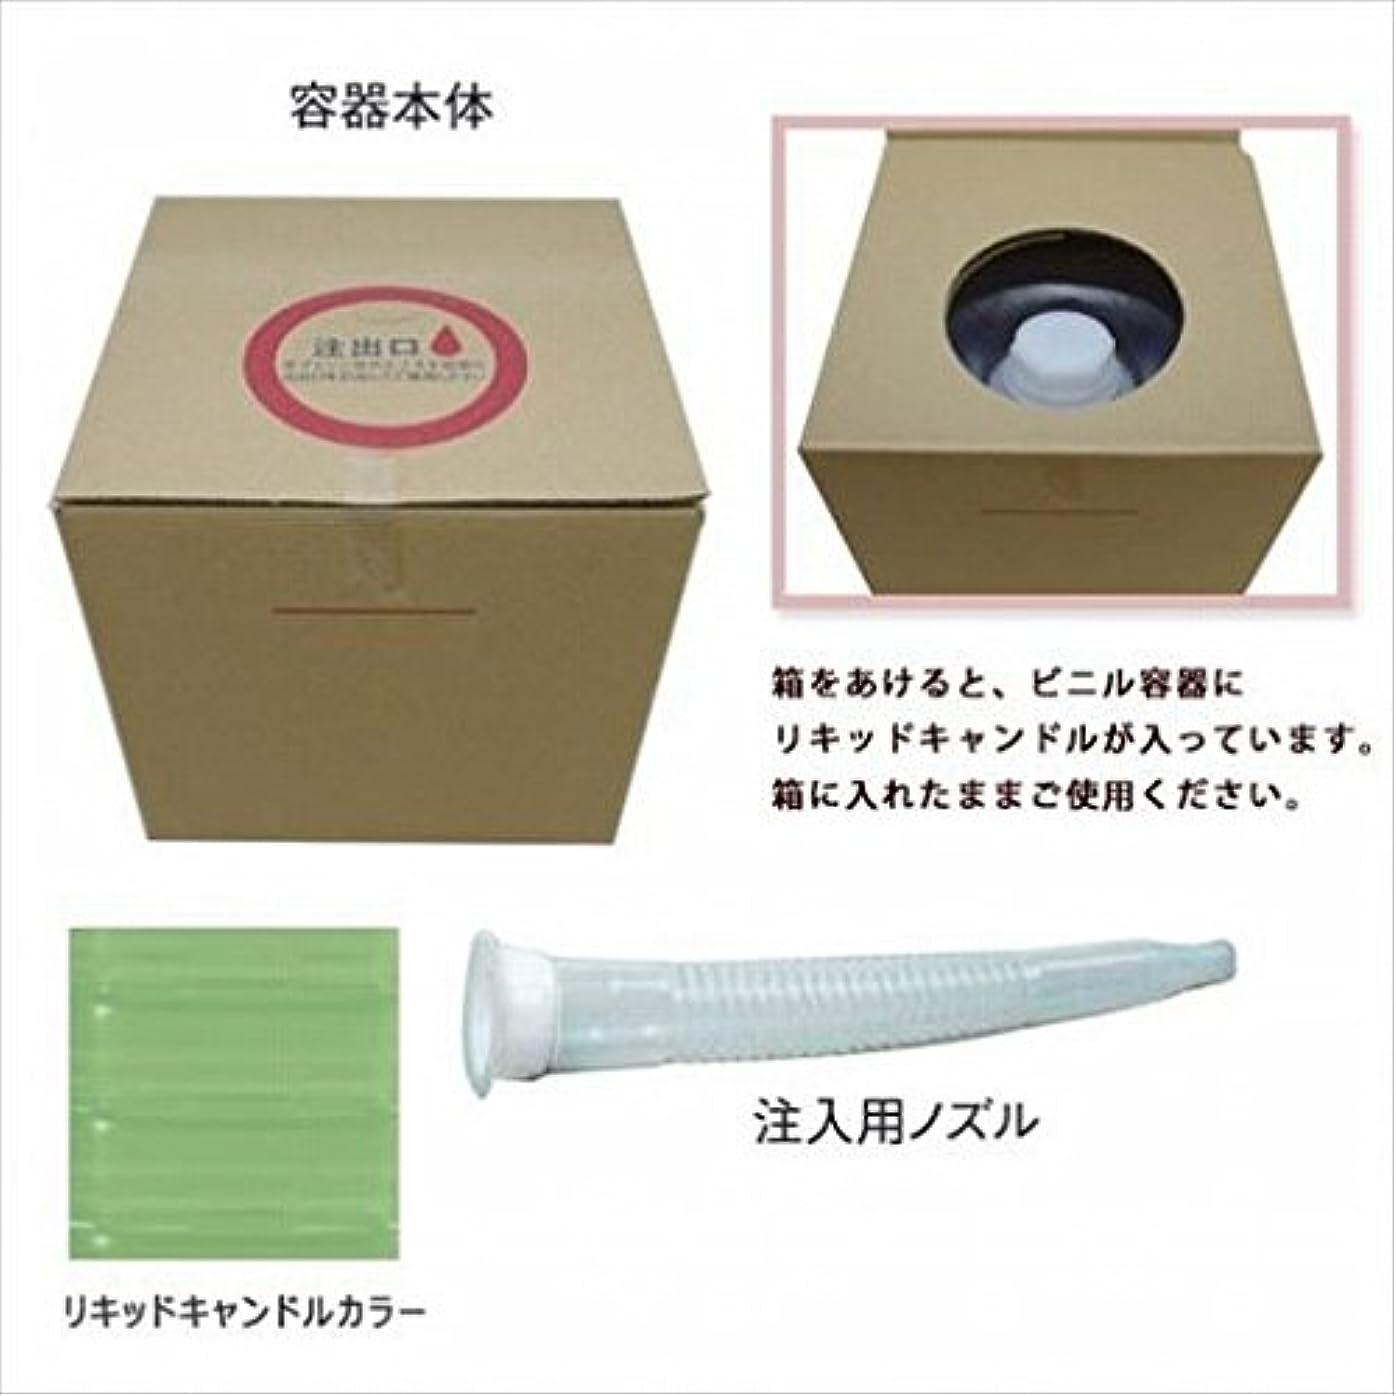 傾向があります判読できない戻るkameyama candle(カメヤマキャンドル) リキッドキャンドル5リットル 「 ライトグリーン 」(77320000LG)